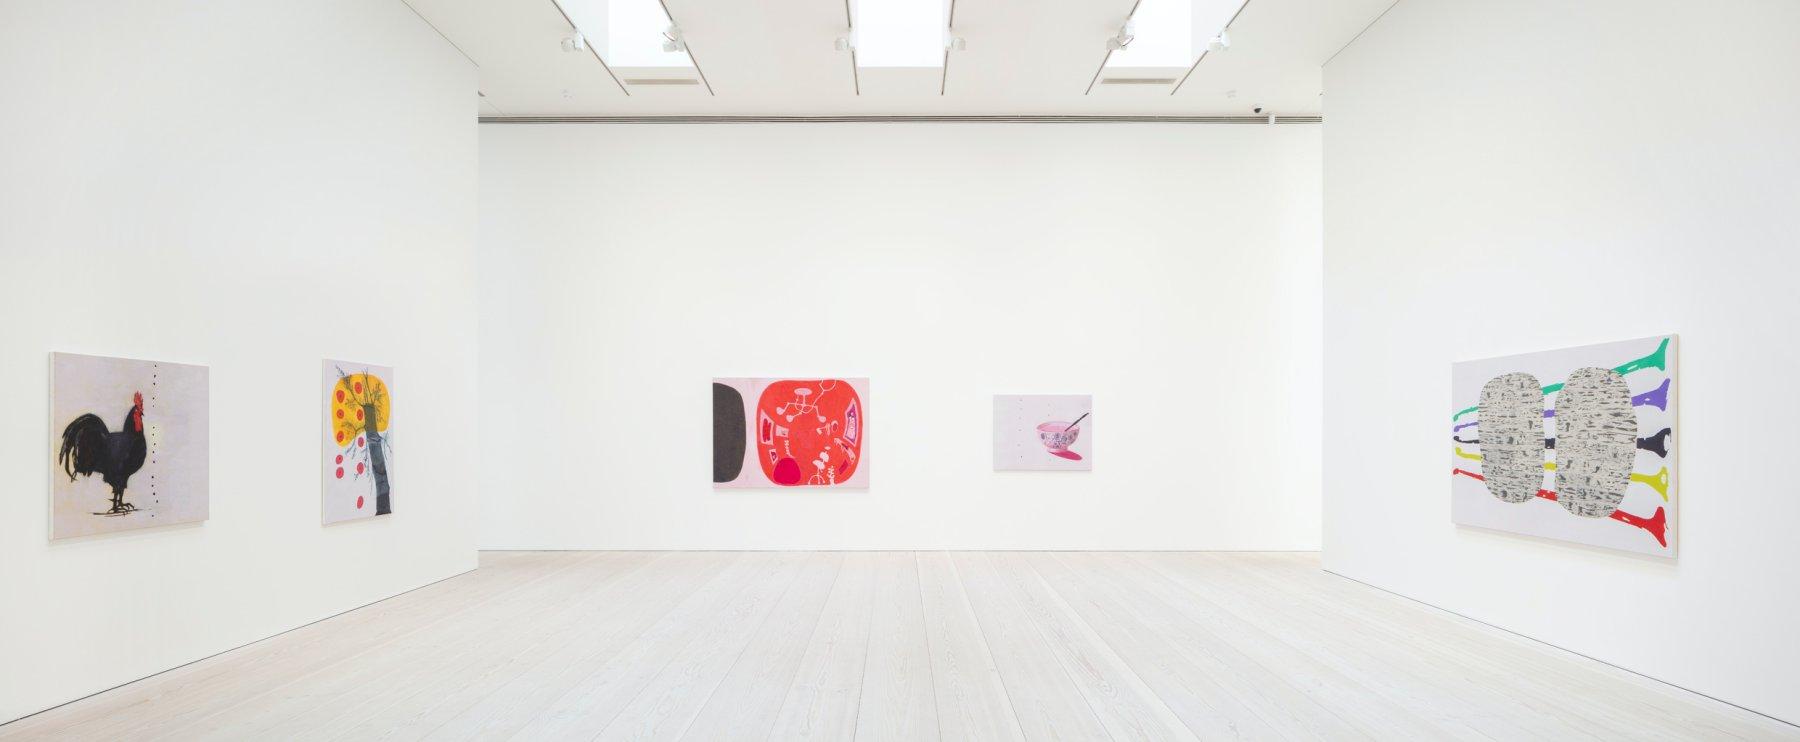 Galerie Forsblom Hannu Vaisanen 1